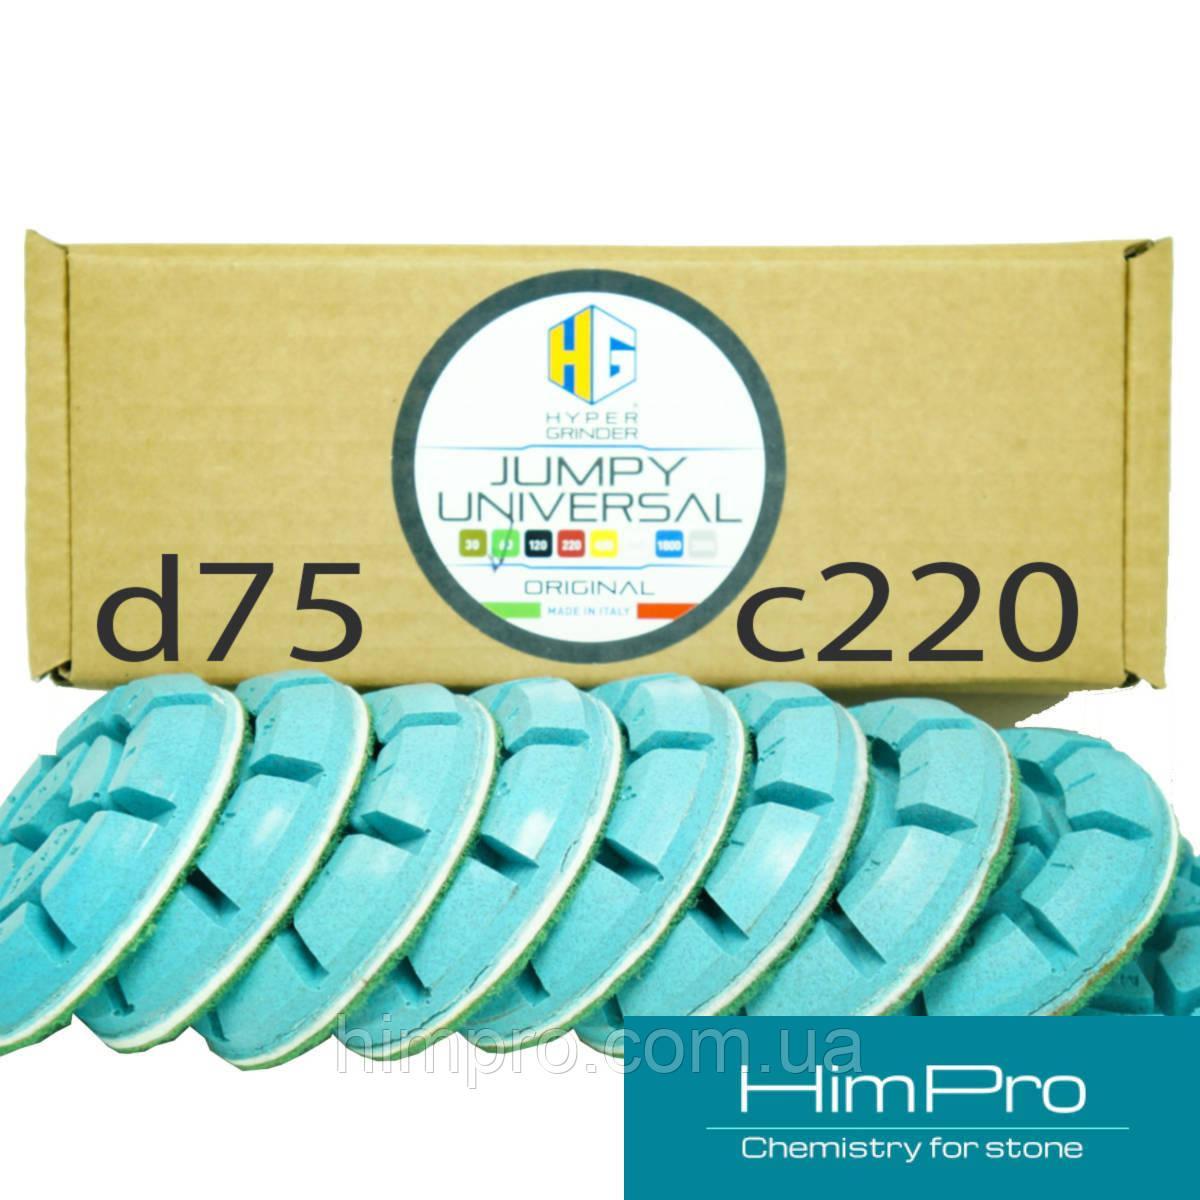 Jumper 9шт №220 d75 HyperGrinder Universal Алмазные полировальные